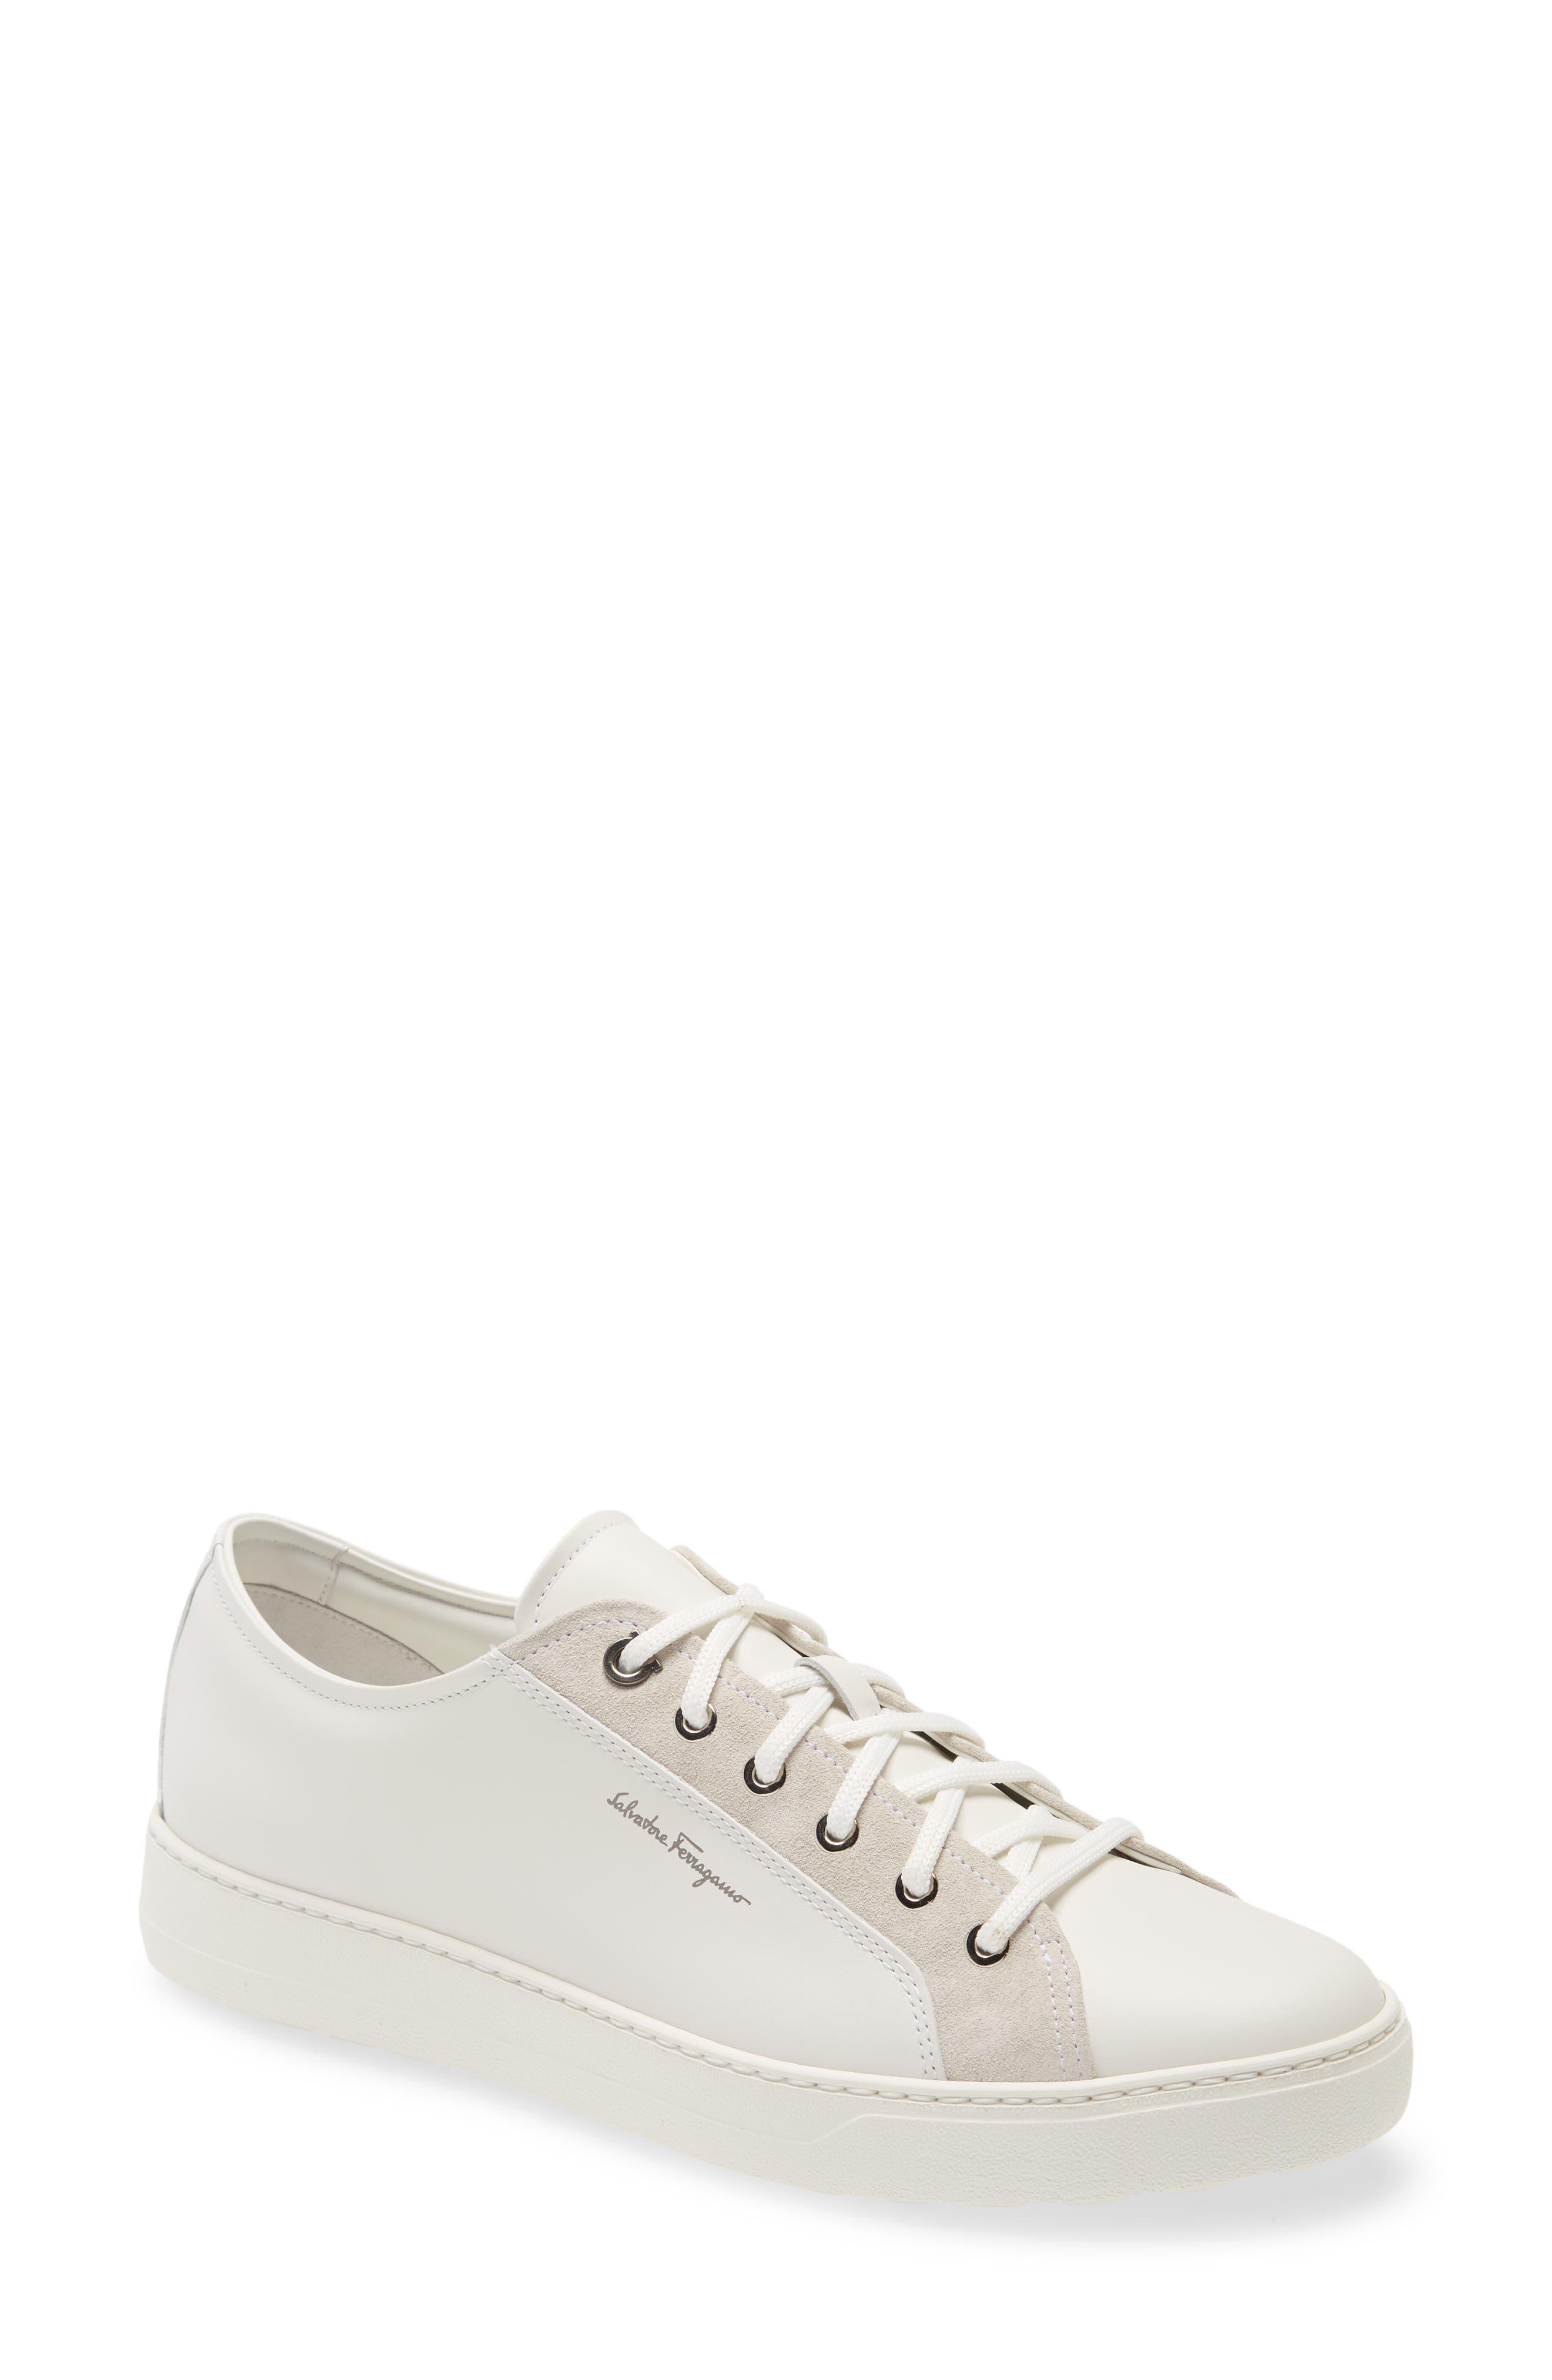 Men's Designer Shoes | Nordstrom